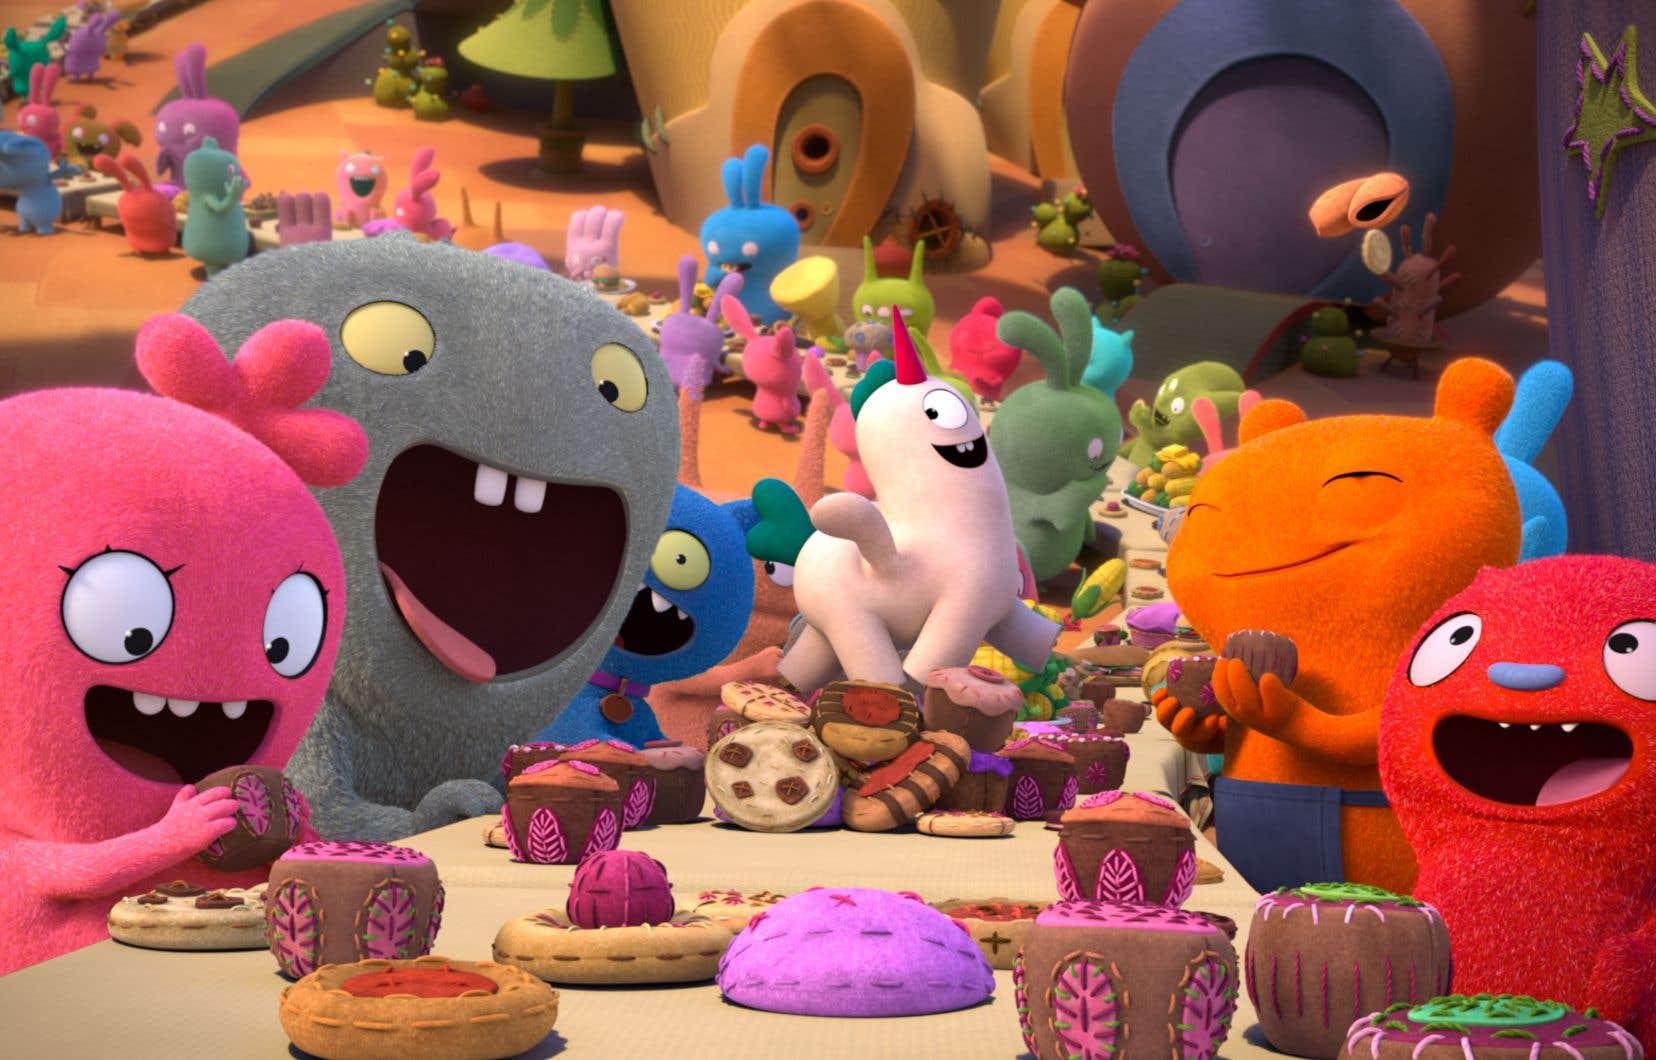 Le film d'animation «UglyDolls», avec les voix de Marie-Mai, Koriass, Ludivine Reding et Xavier Dolan en français, prend l'affiche vendredi au Québec.